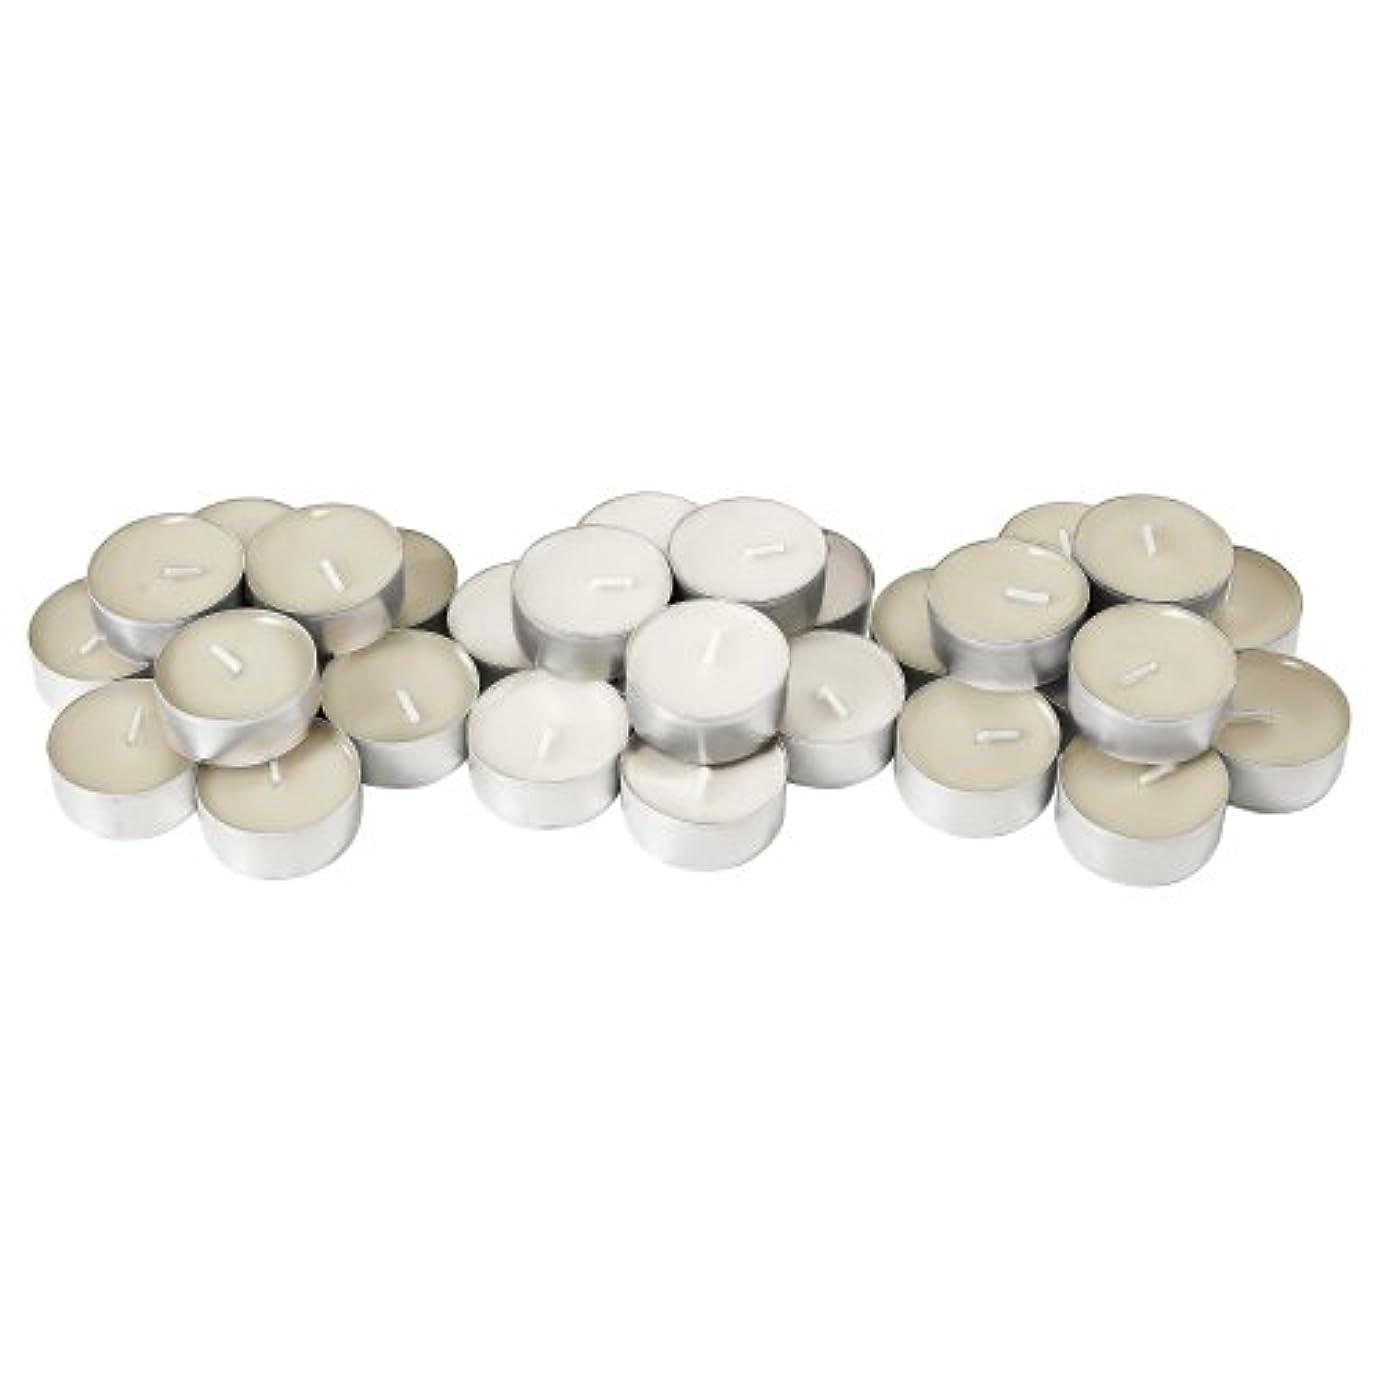 解任角度レオナルドダIKEA SINNLIG 50237712 香り付ティーライト 38 mm バニラ ナチュラル 30 ピース